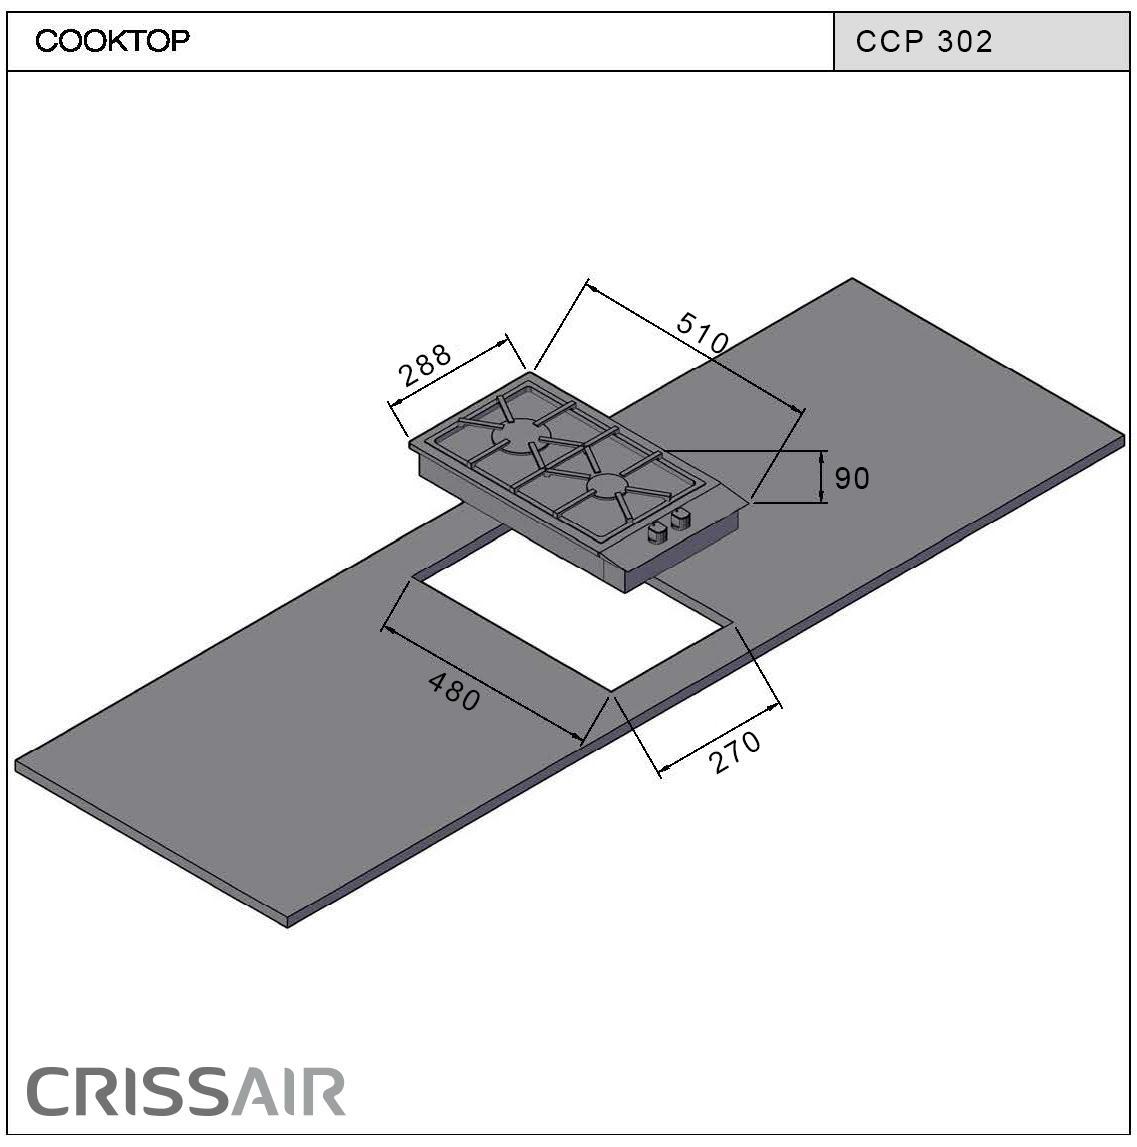 Cooktop a Gás CCP 302